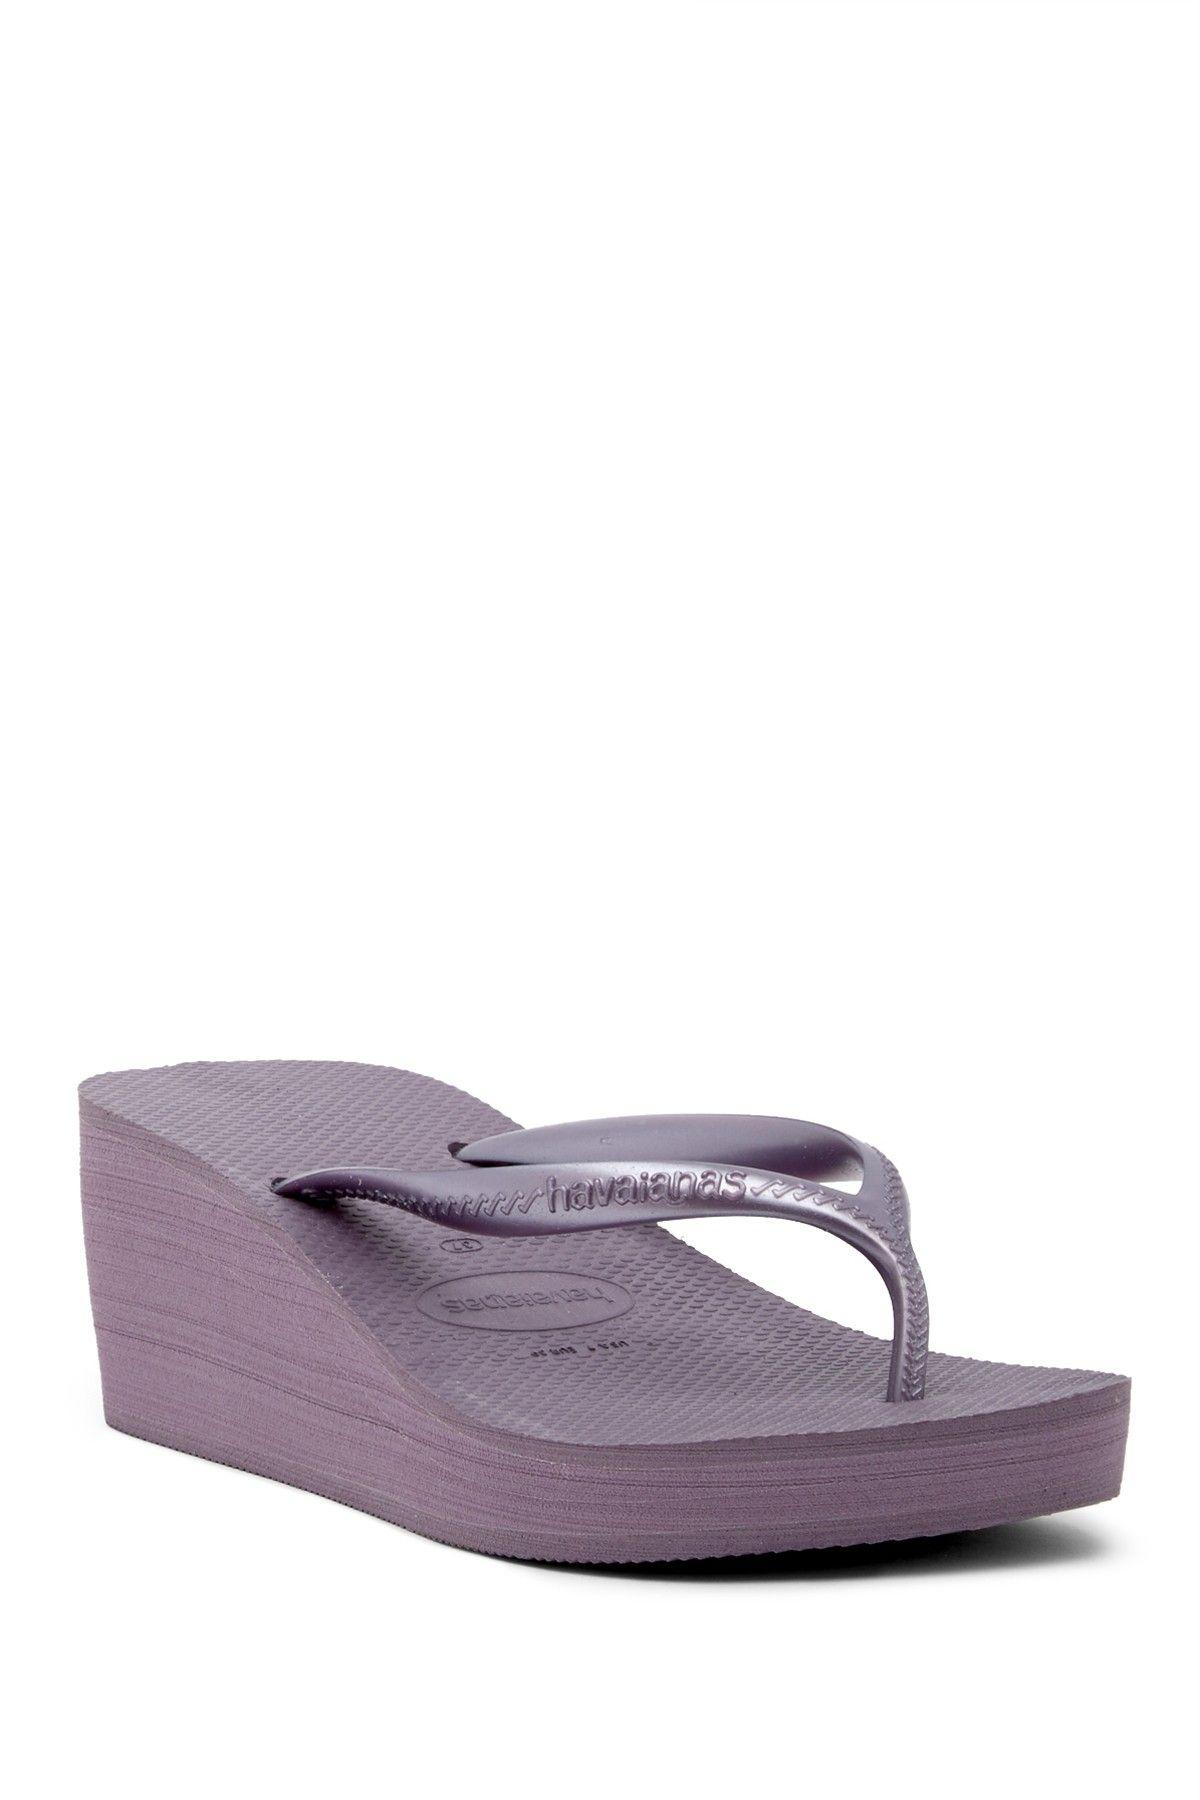 fa4cddcebf588b High Fashion Platform Wedge Flip Flop Sandal (Women)